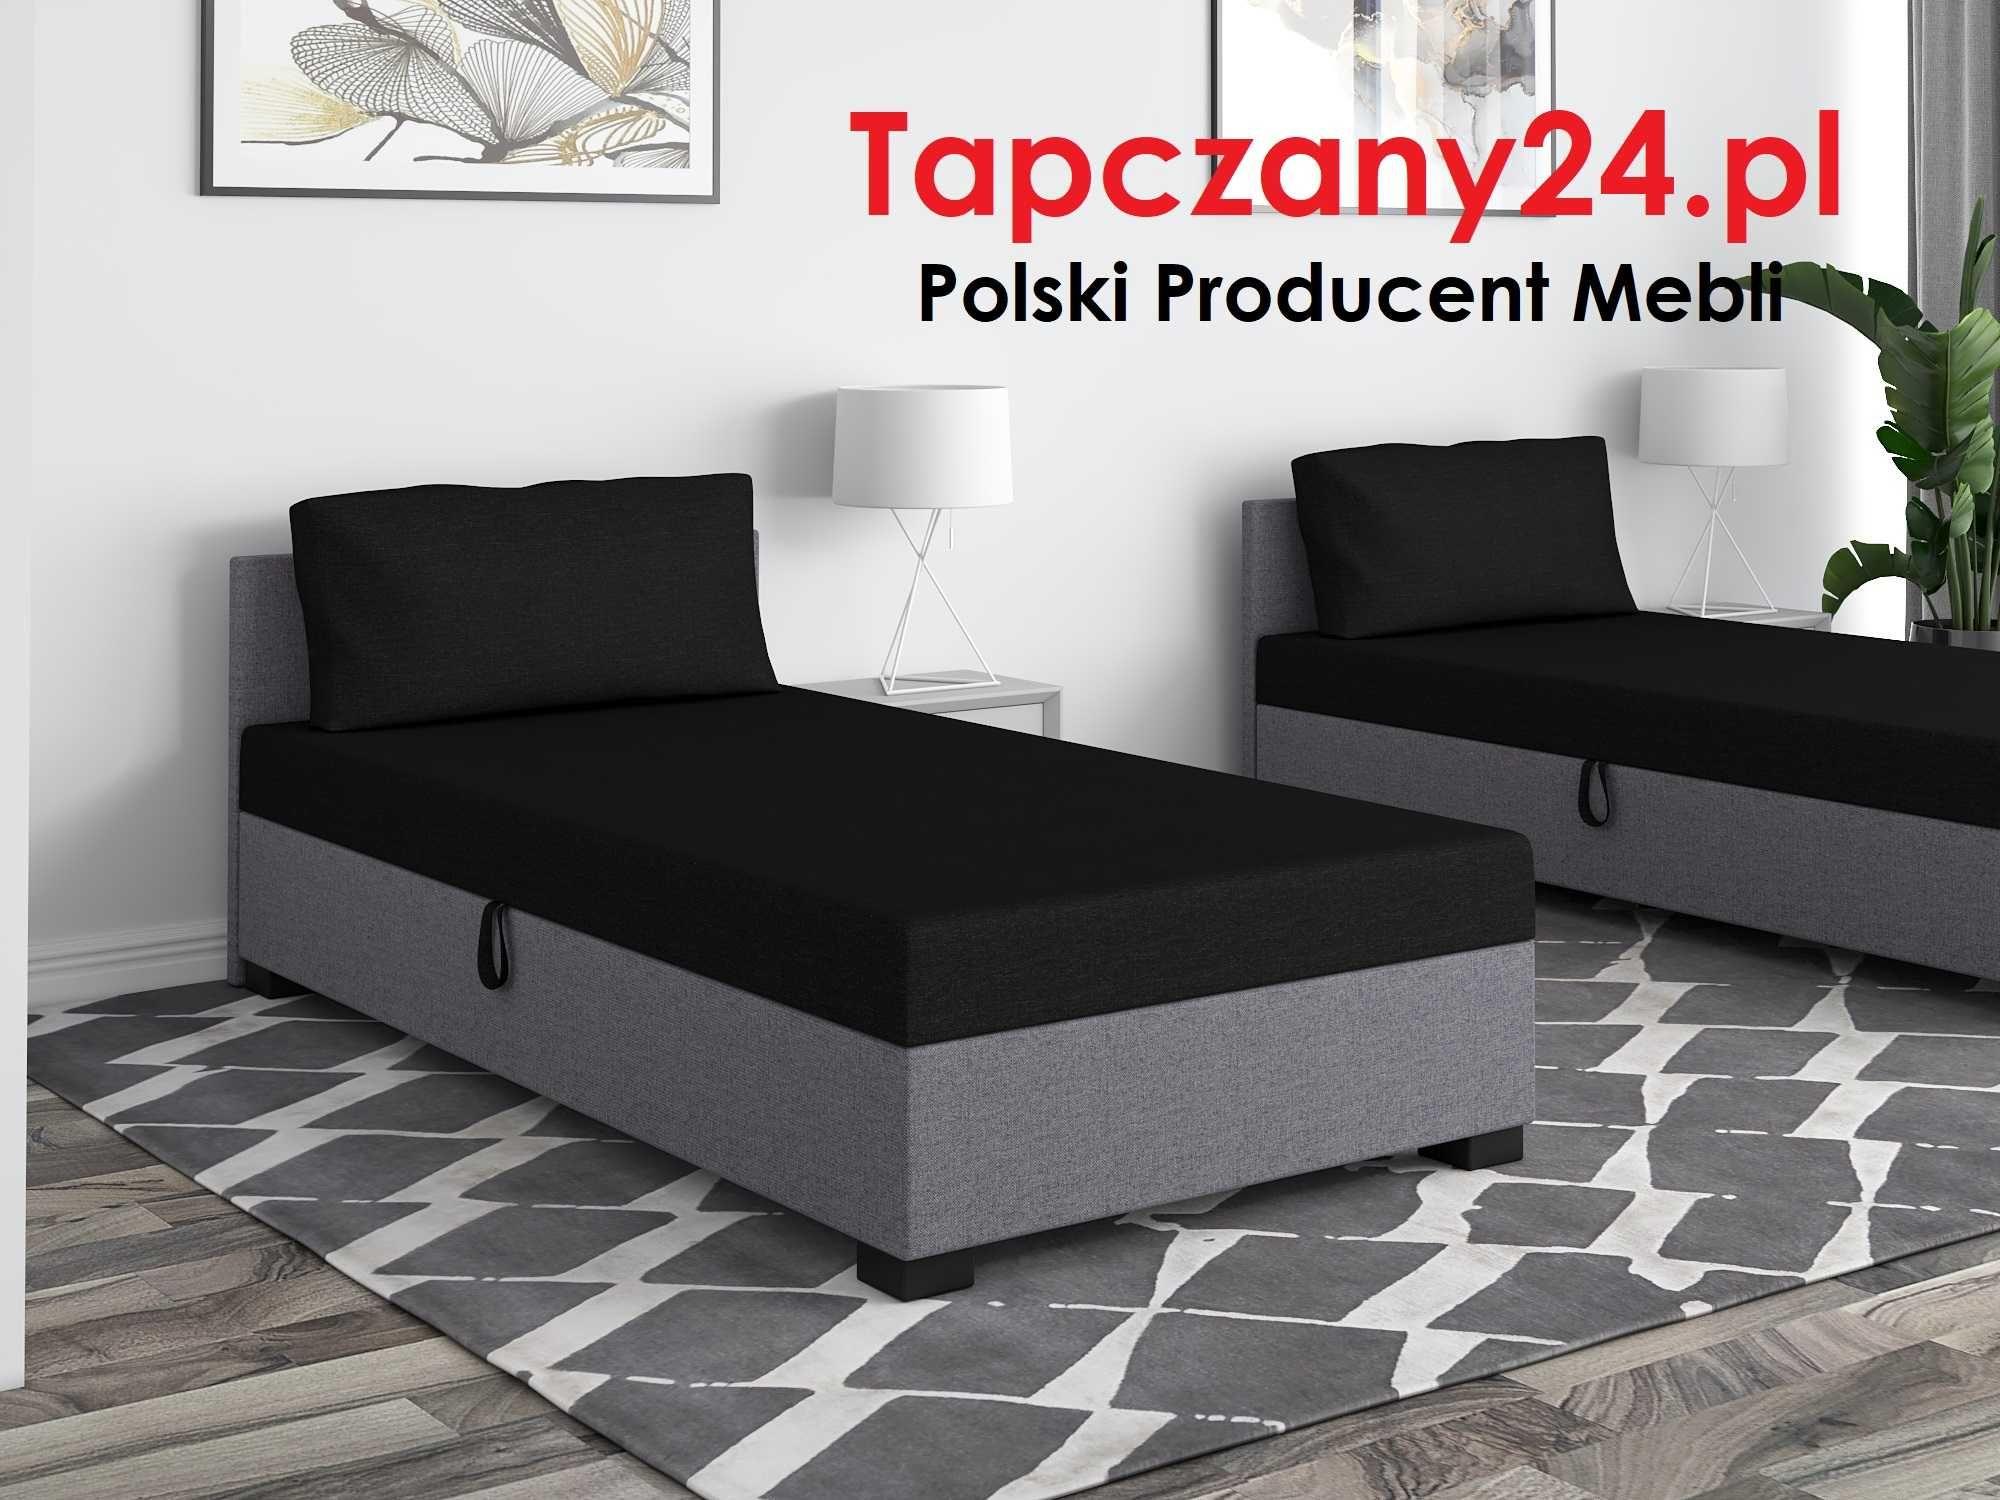 Łóżko hotelowe młodzieżowe jednoosobowe Tapczan 80/90/100 PRODUCEN